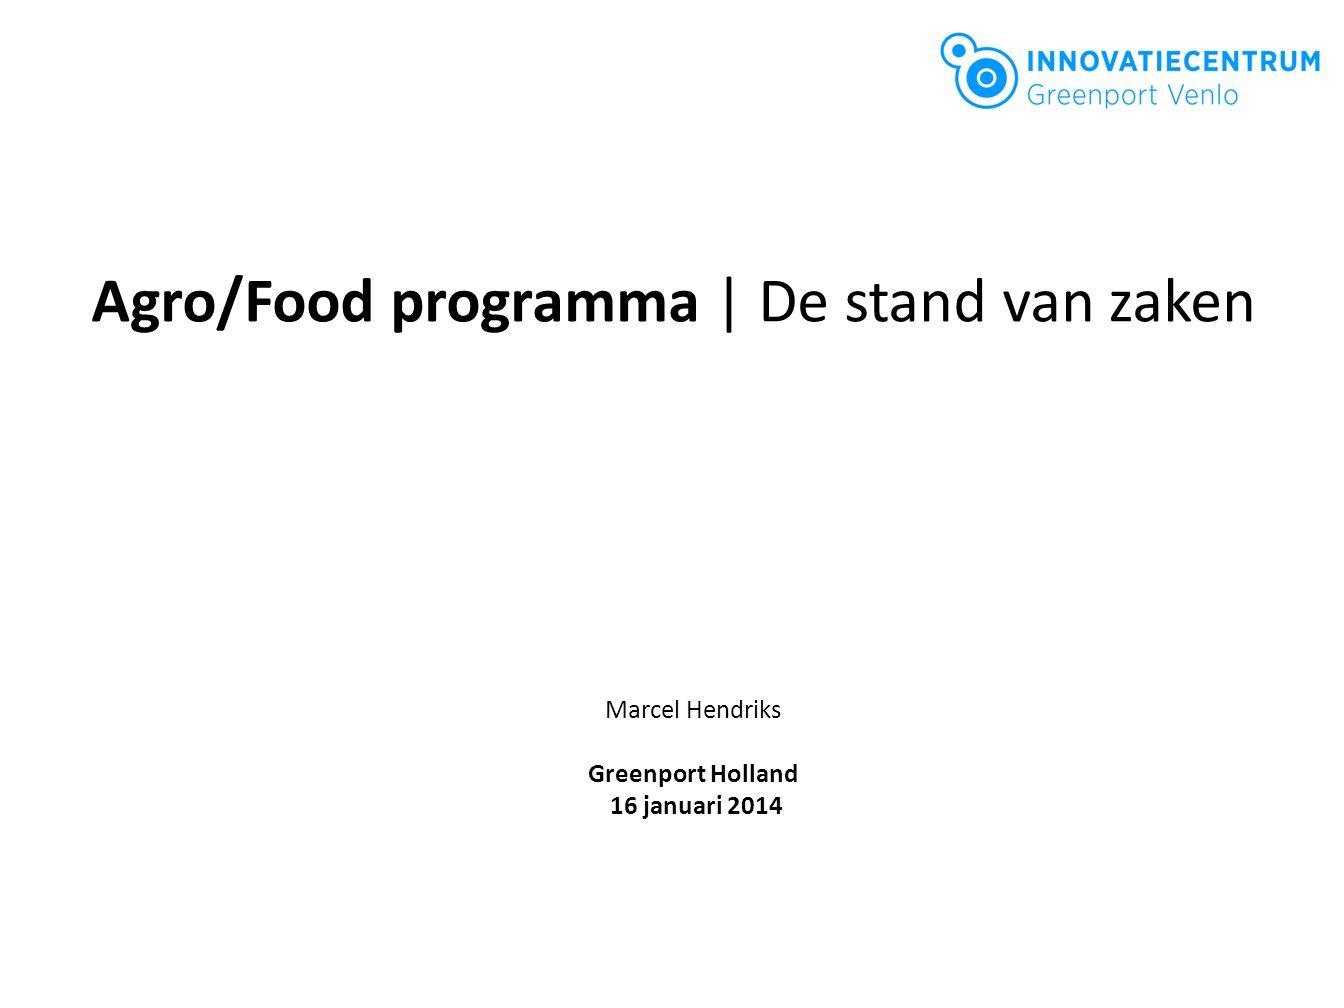 Agro/Food programma | De stand van zaken